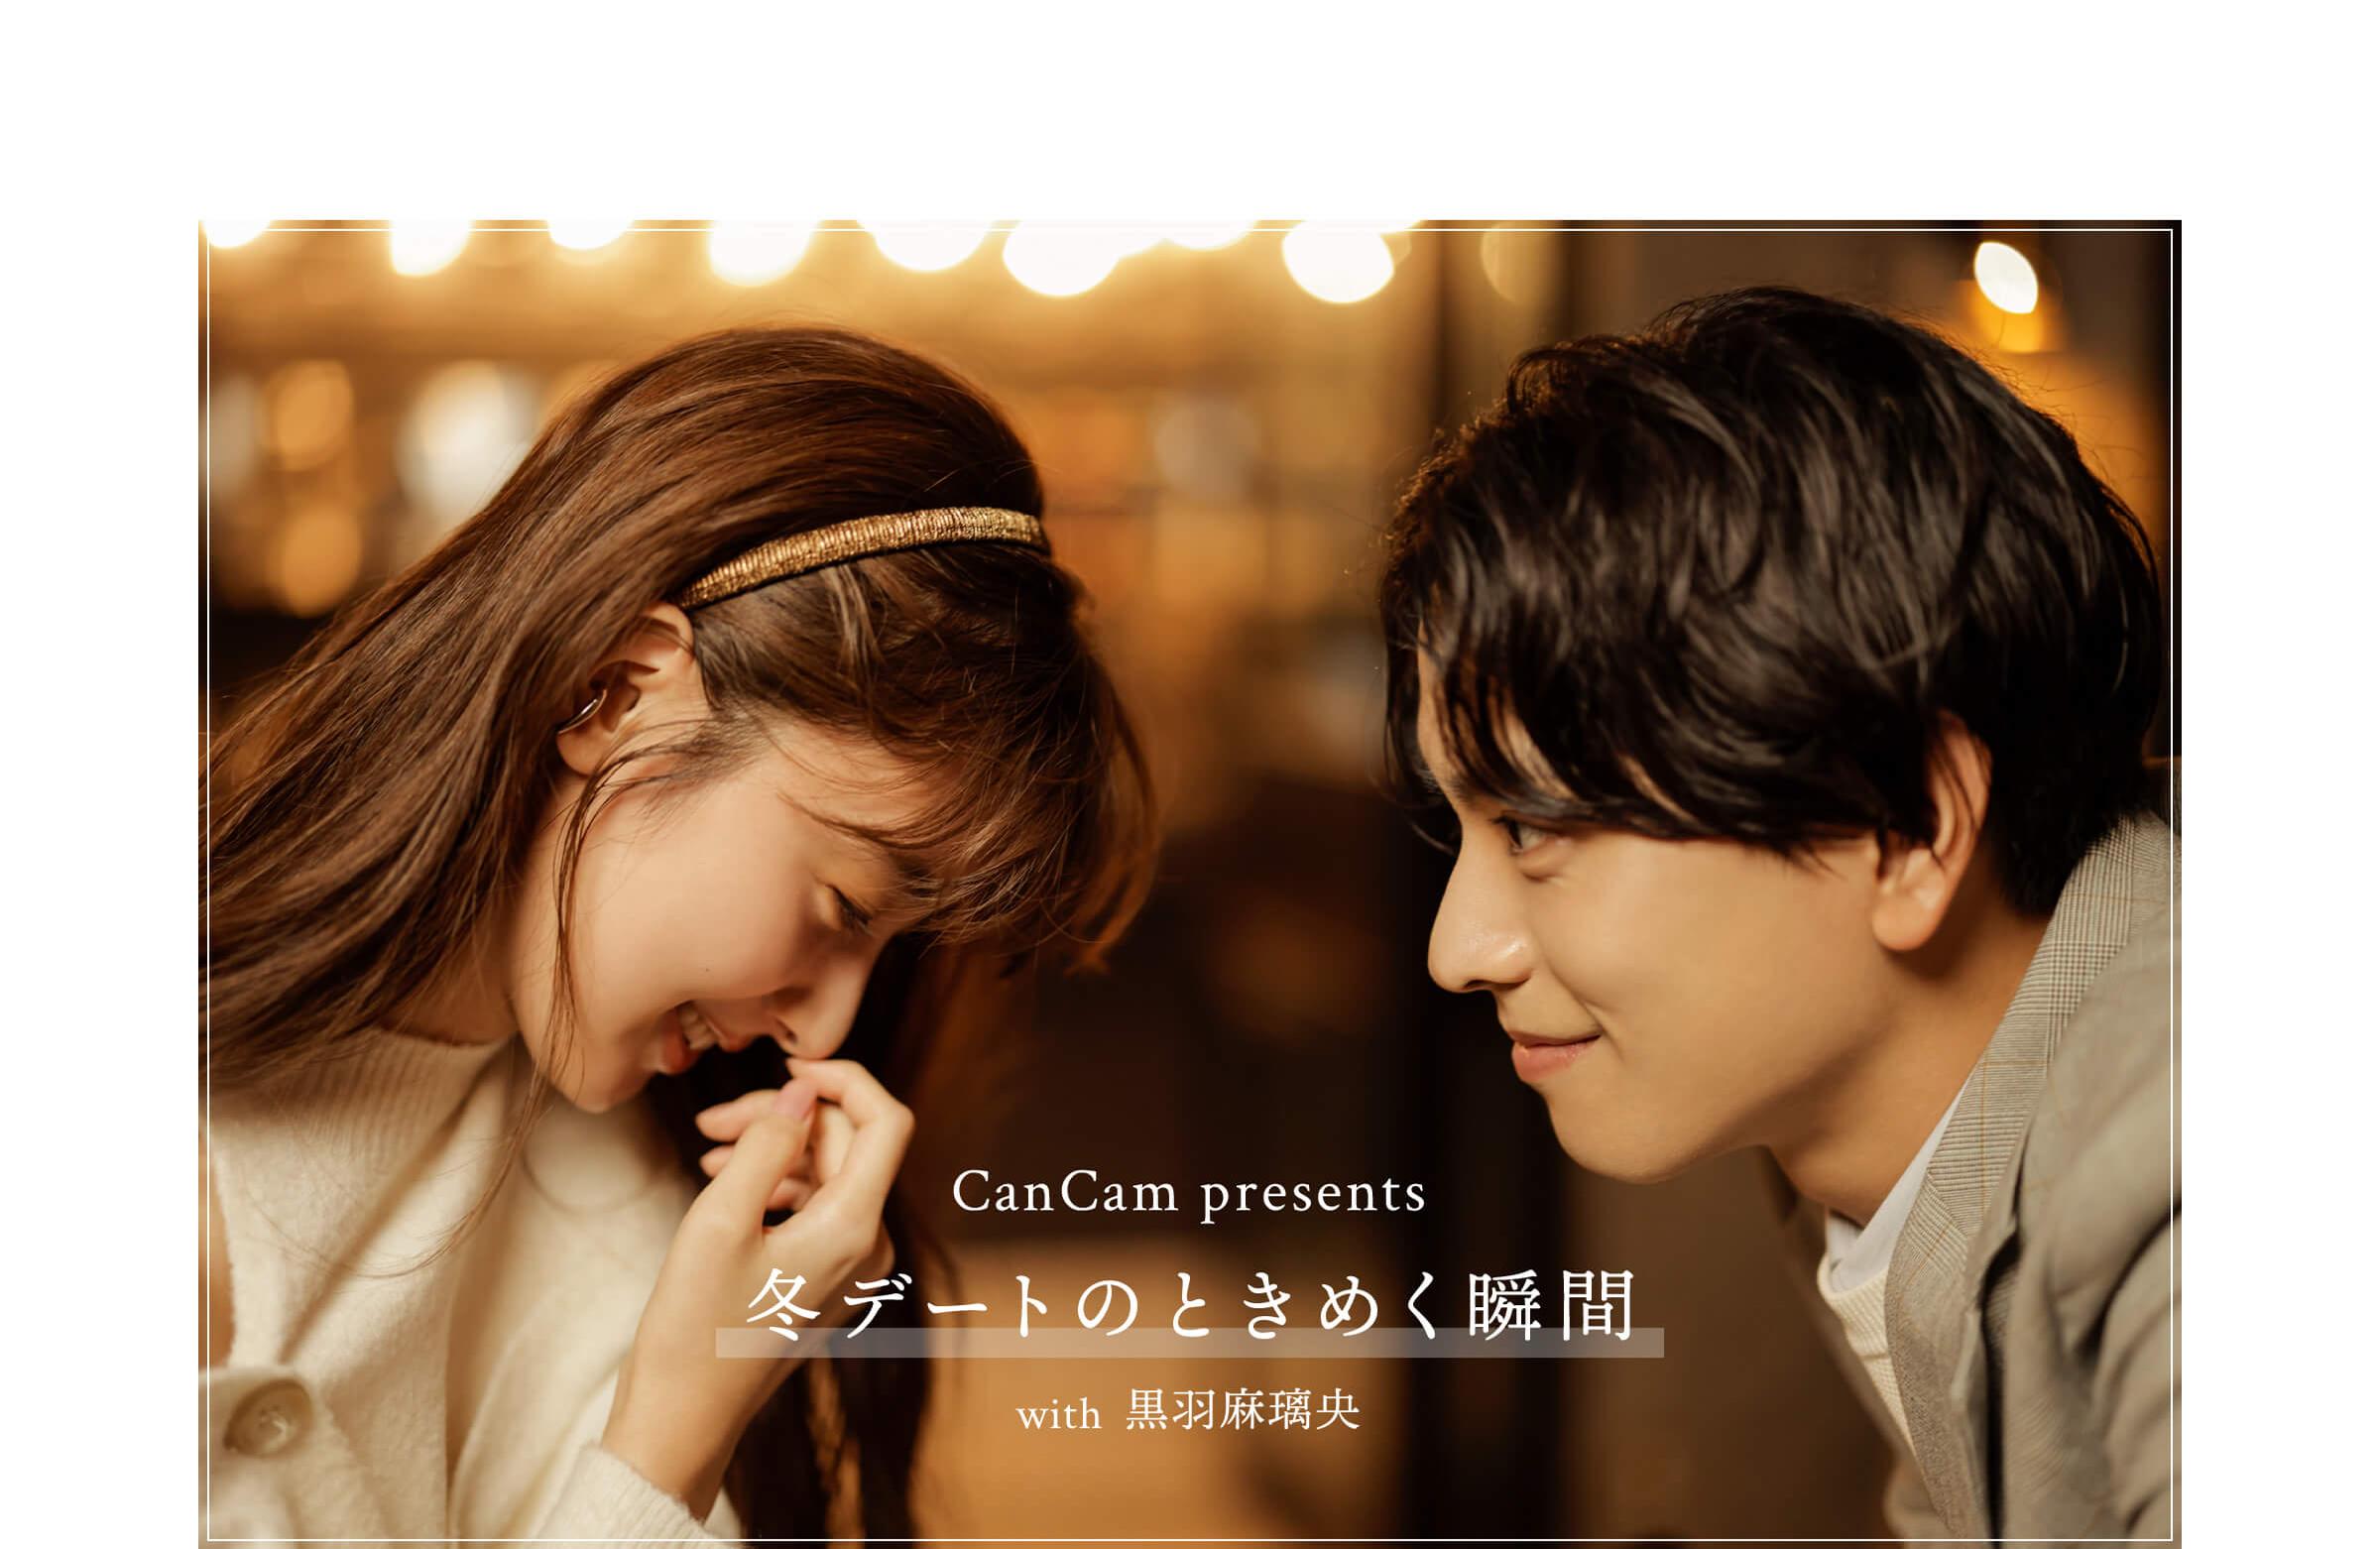 CanCam presents 冬デートのときめく瞬間 with 黒羽麻璃央